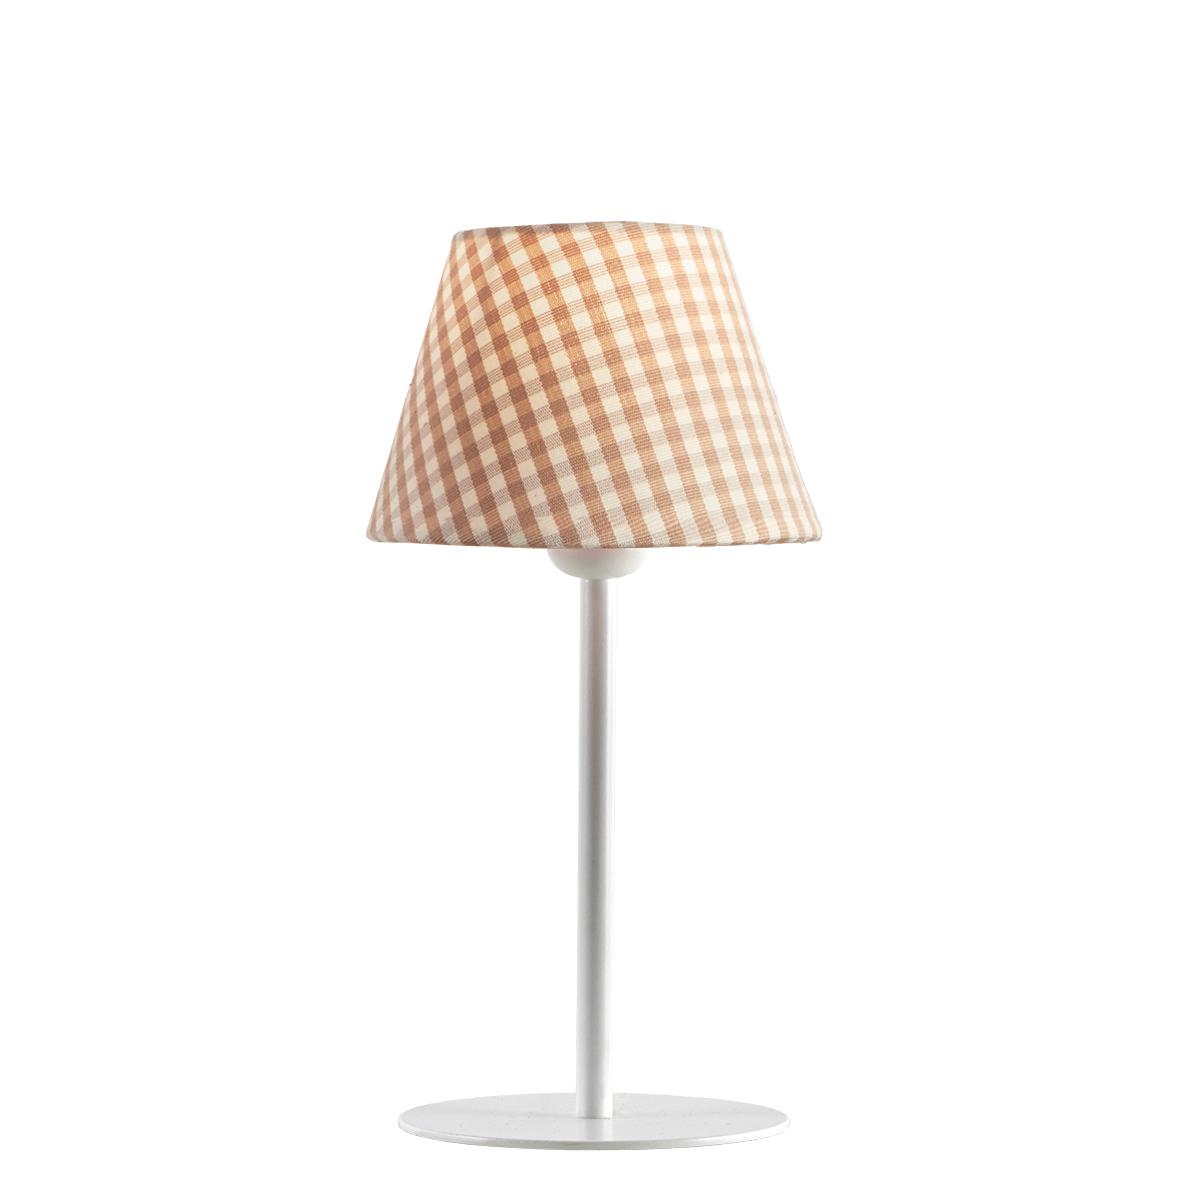 Φωτιστικό επιτραπέζιο με καφέ καρό καπέλο CAROUSEL table lamp with brown plaided shade